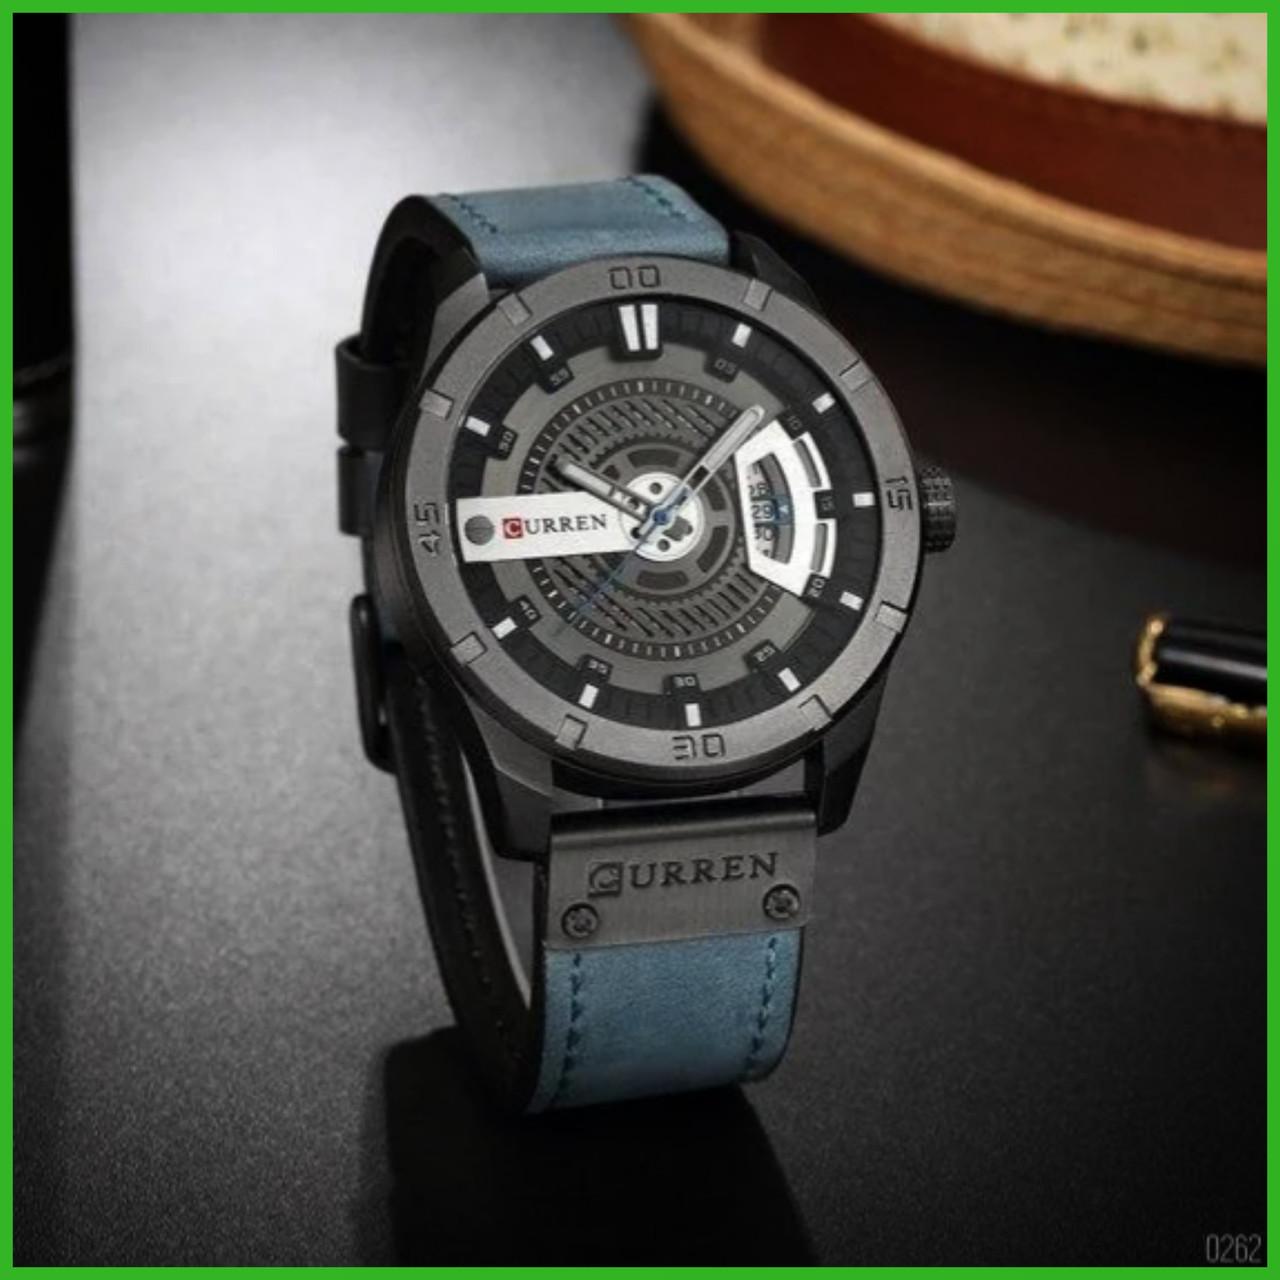 Мужские кварцевые наручные часы Curren 8301 Light Blue-Black. Оригинал